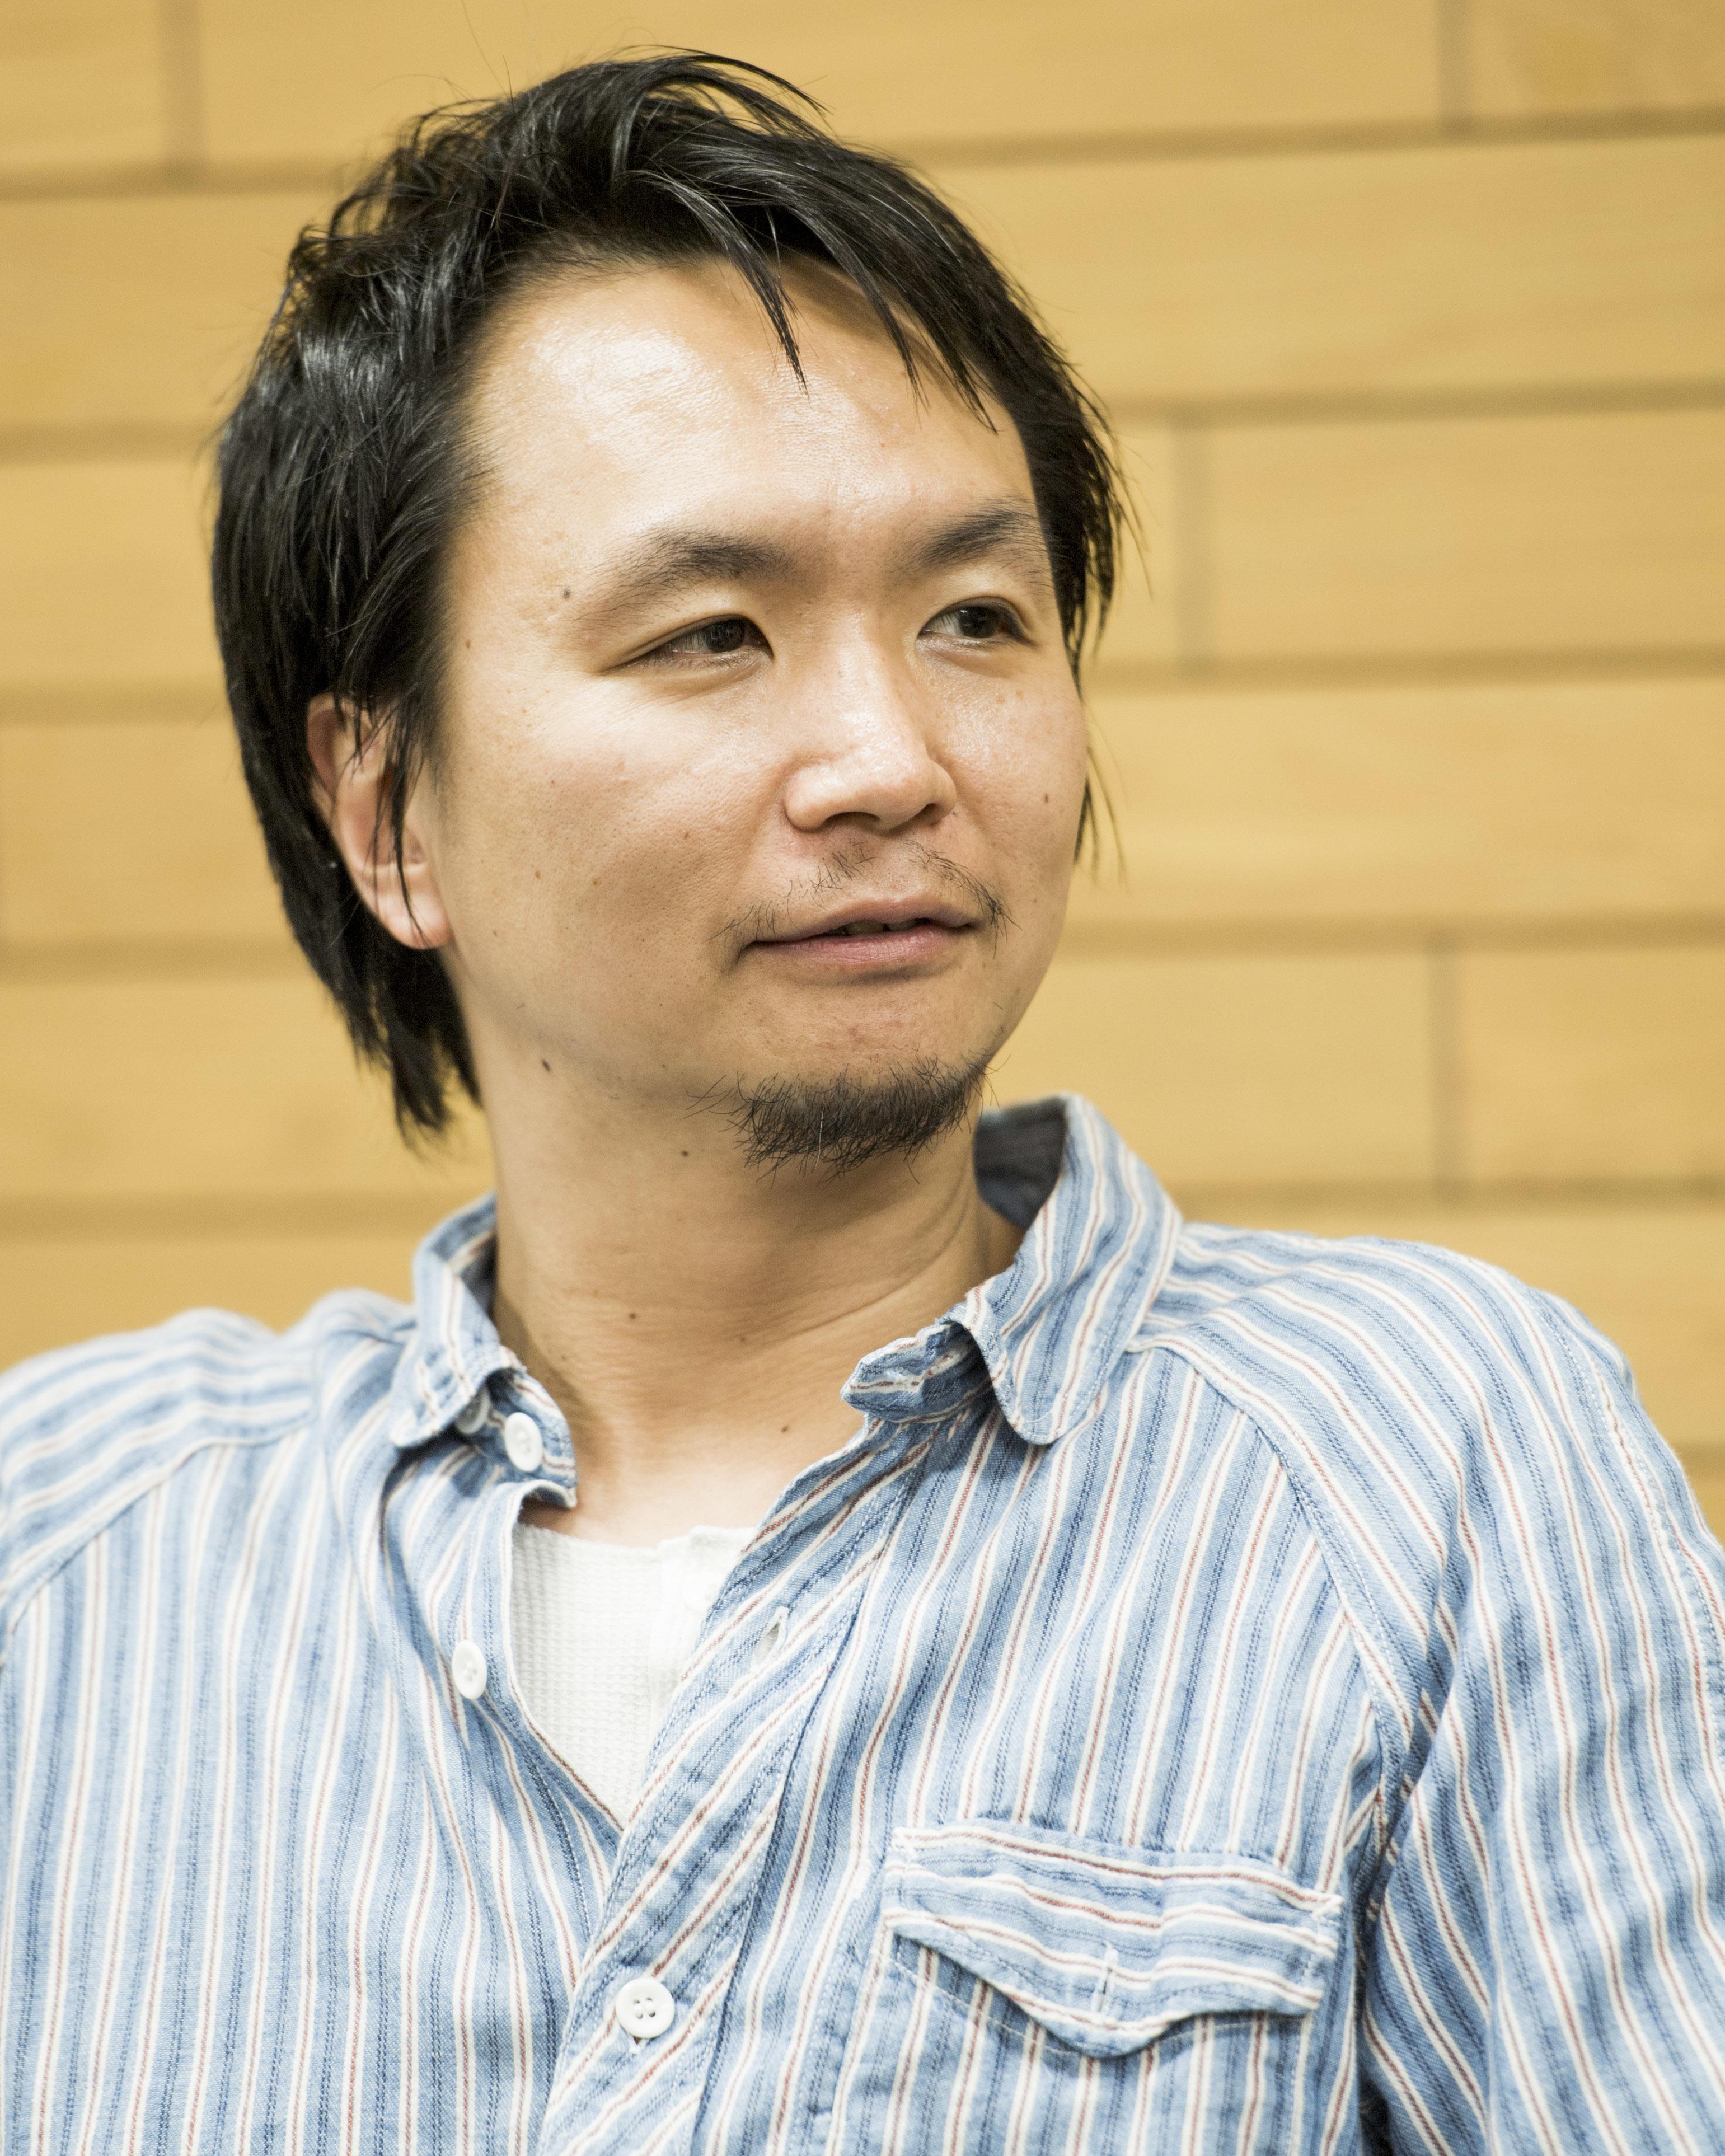 演出家・長塚圭史と夫婦役を演じる田中哲司と原田夏希が緊張感ただよう稽古場で『浮標』を語る